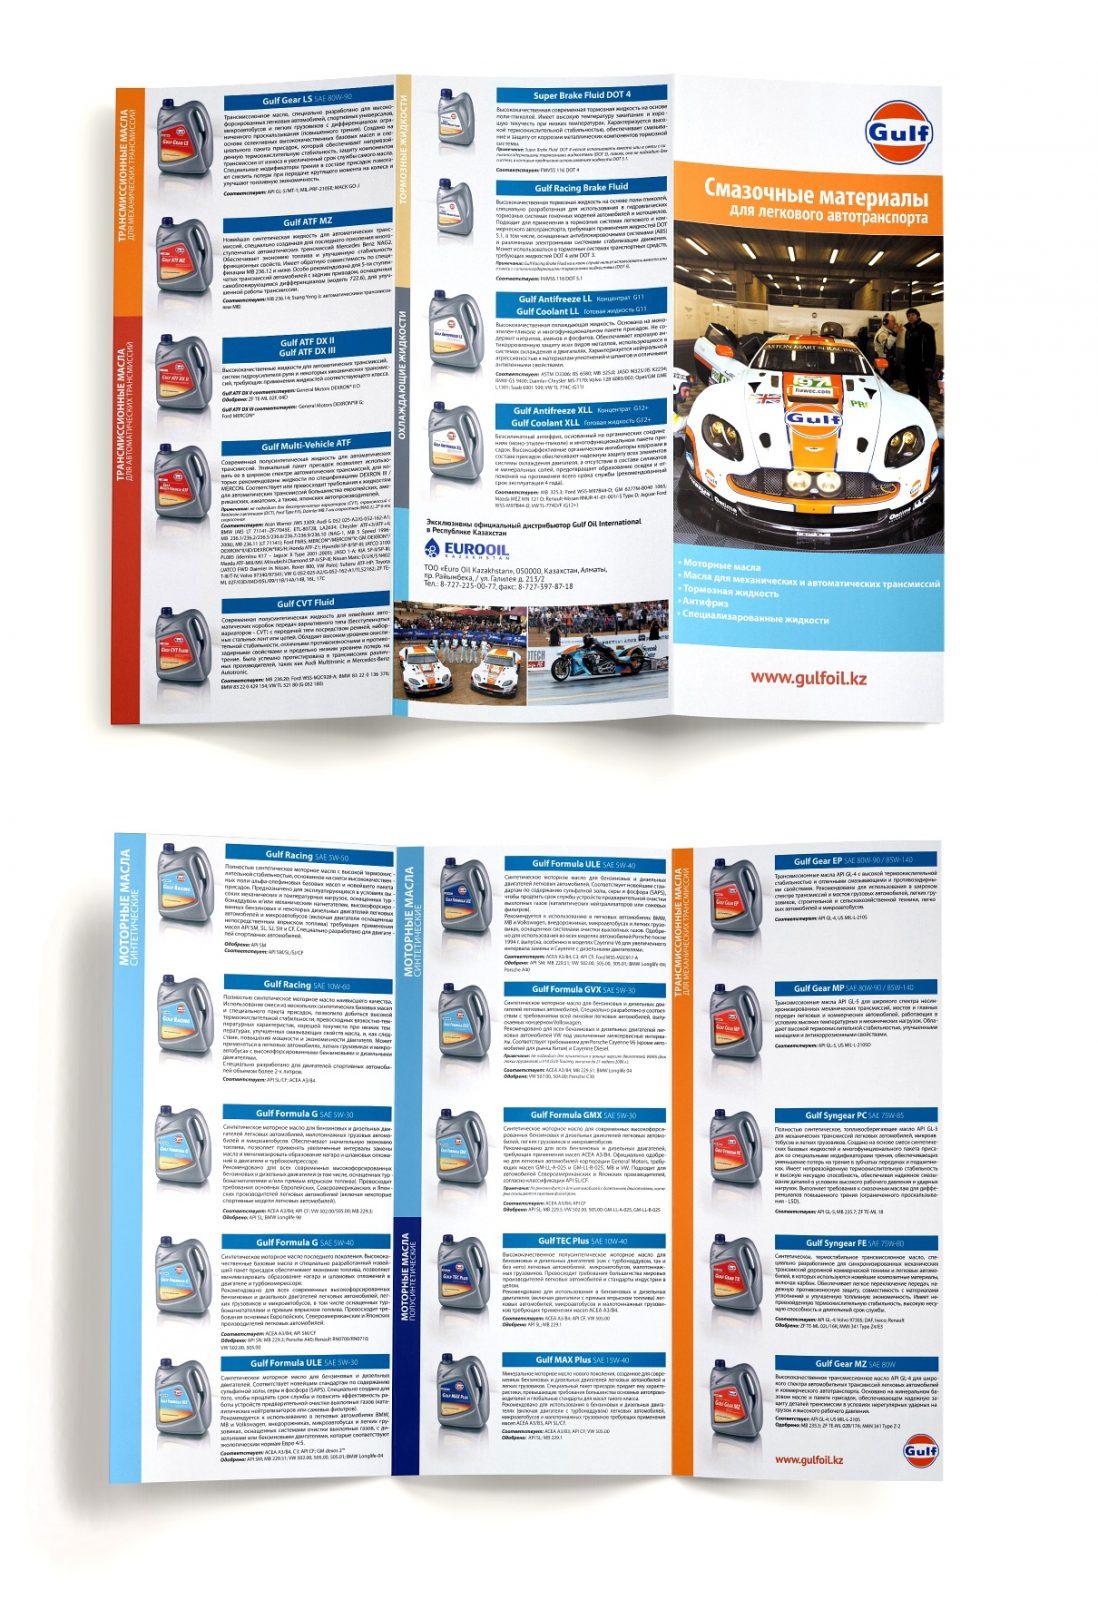 Дизайн листовки для Gulf Казахстан, Алматы